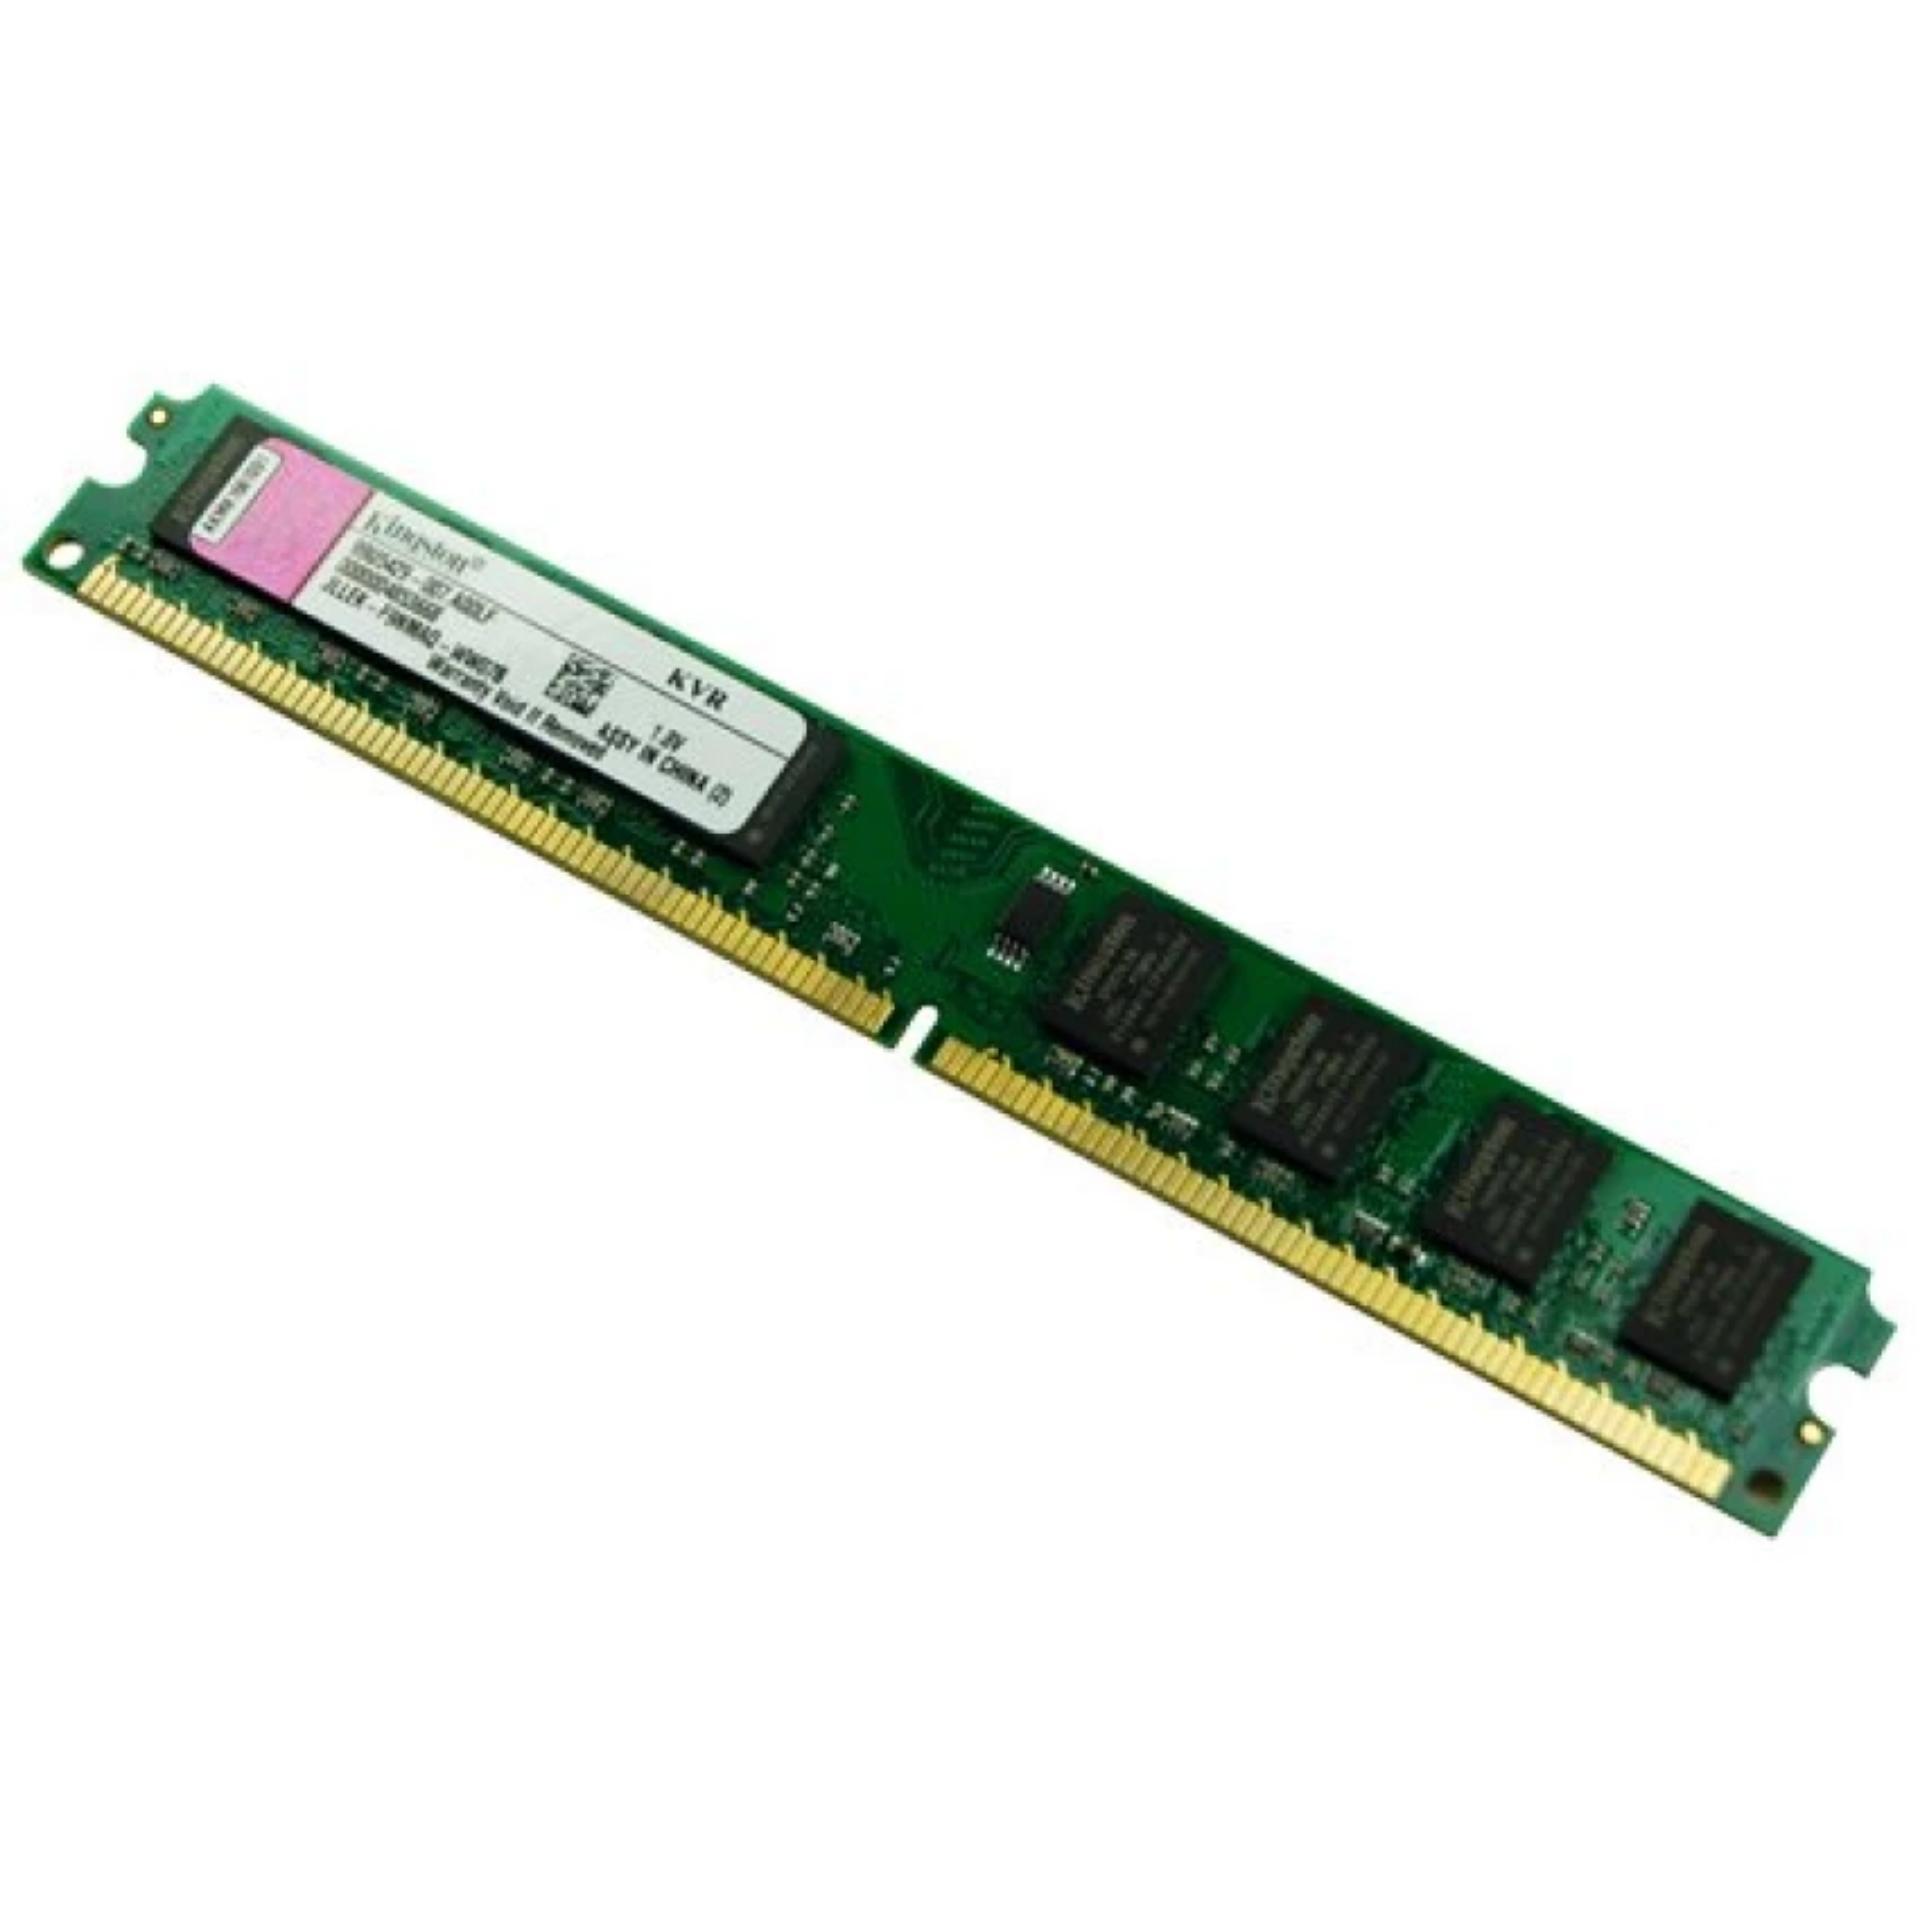 Đánh giá RAM PC Kingston , Samsung , Hynix DDR2 2GB bus 800 Mhz (Xanh Lá) Tại Máy Tính Bảo Ngọc